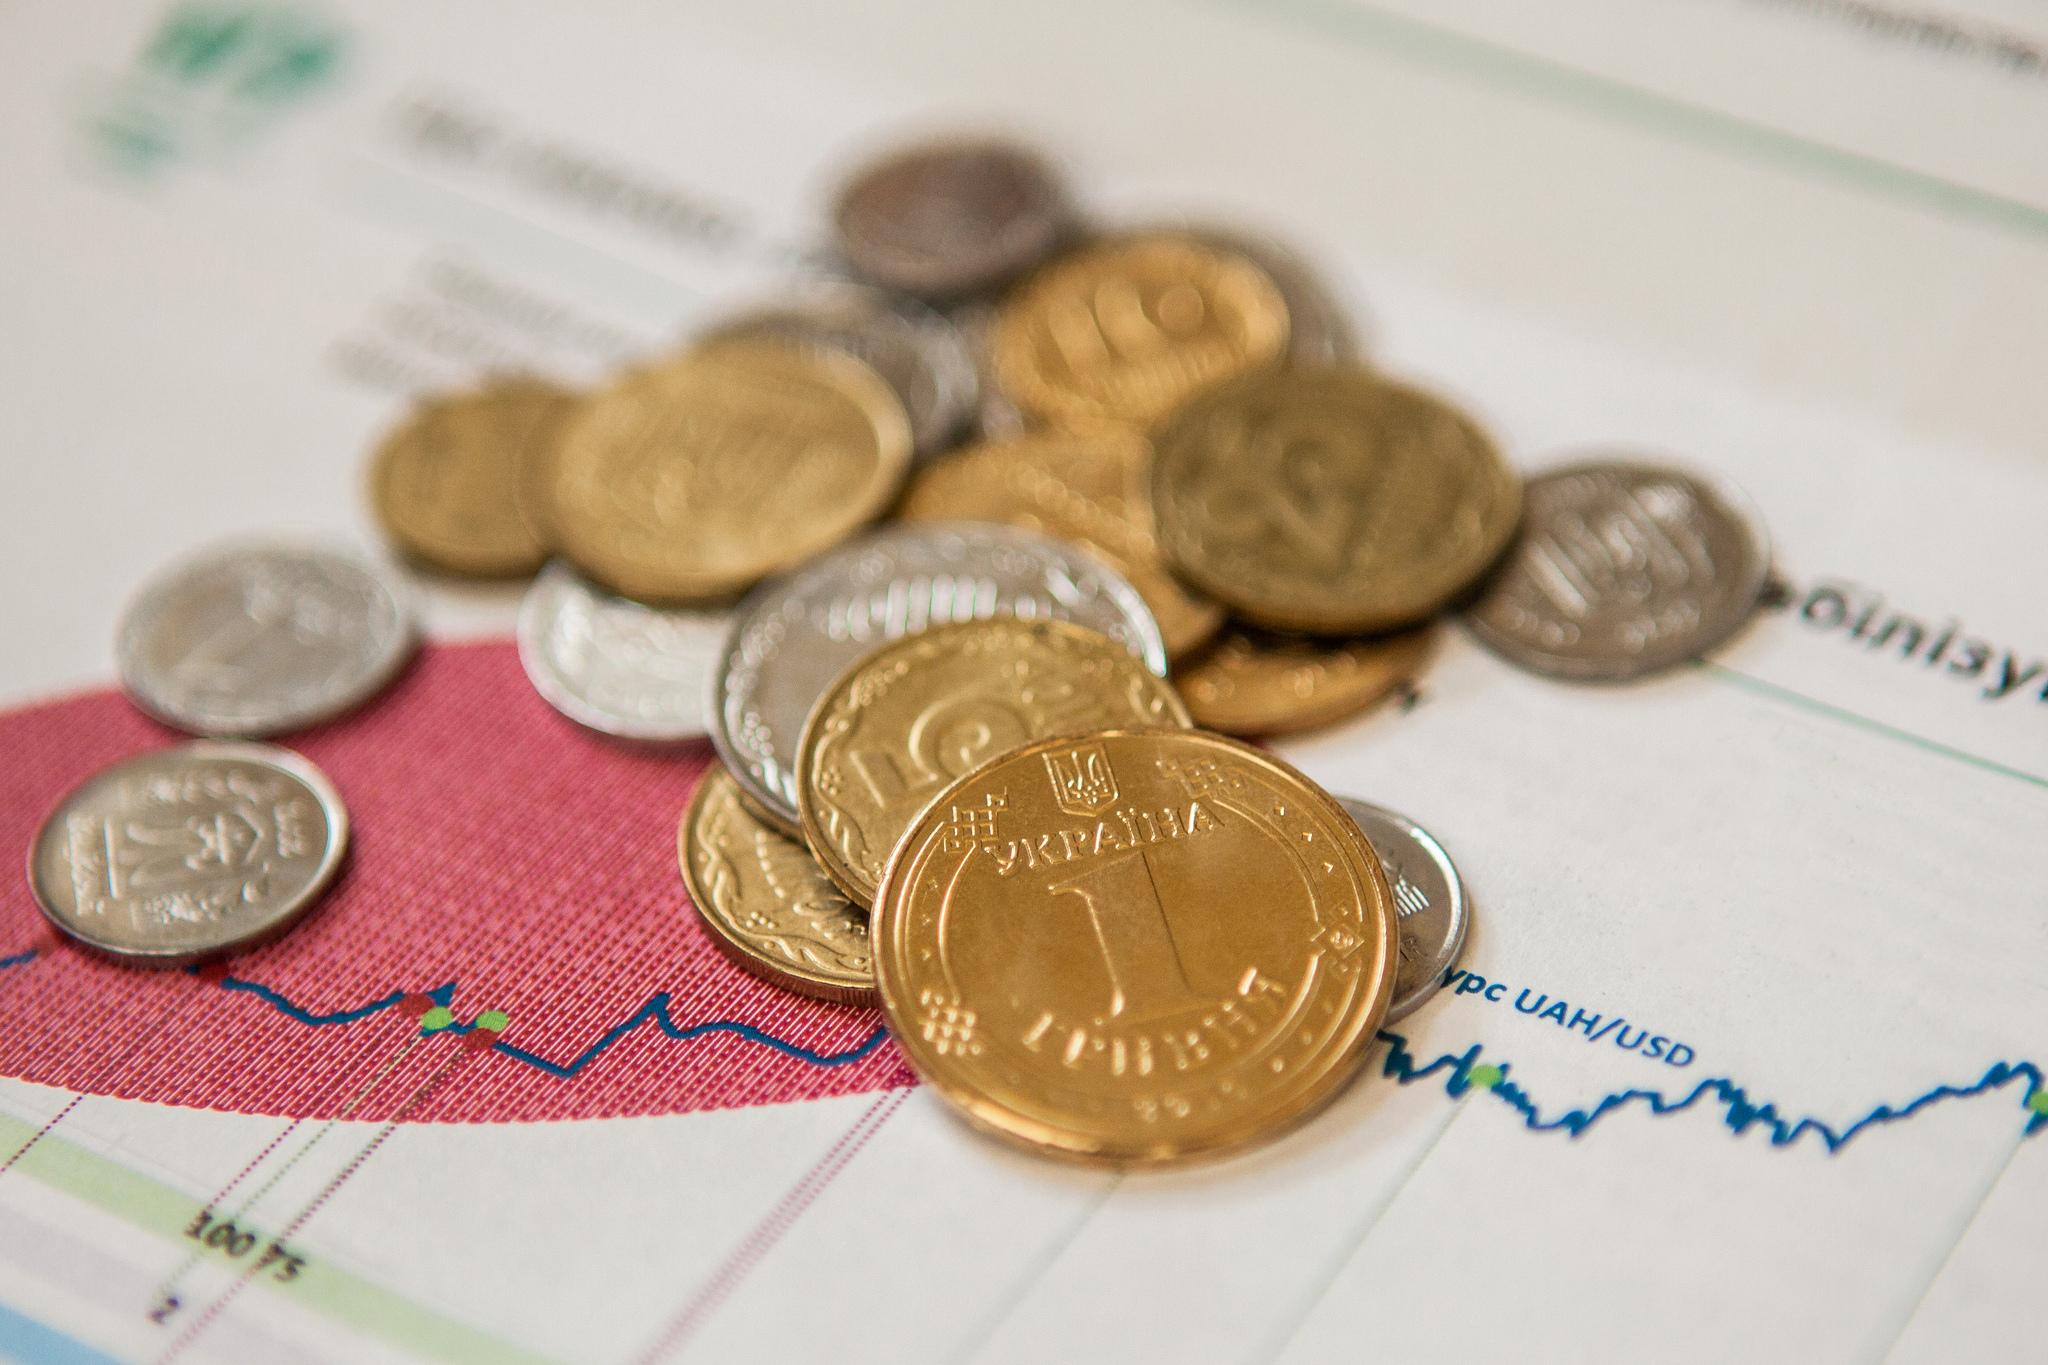 Украине не приходится ждать быстрого роста экономики